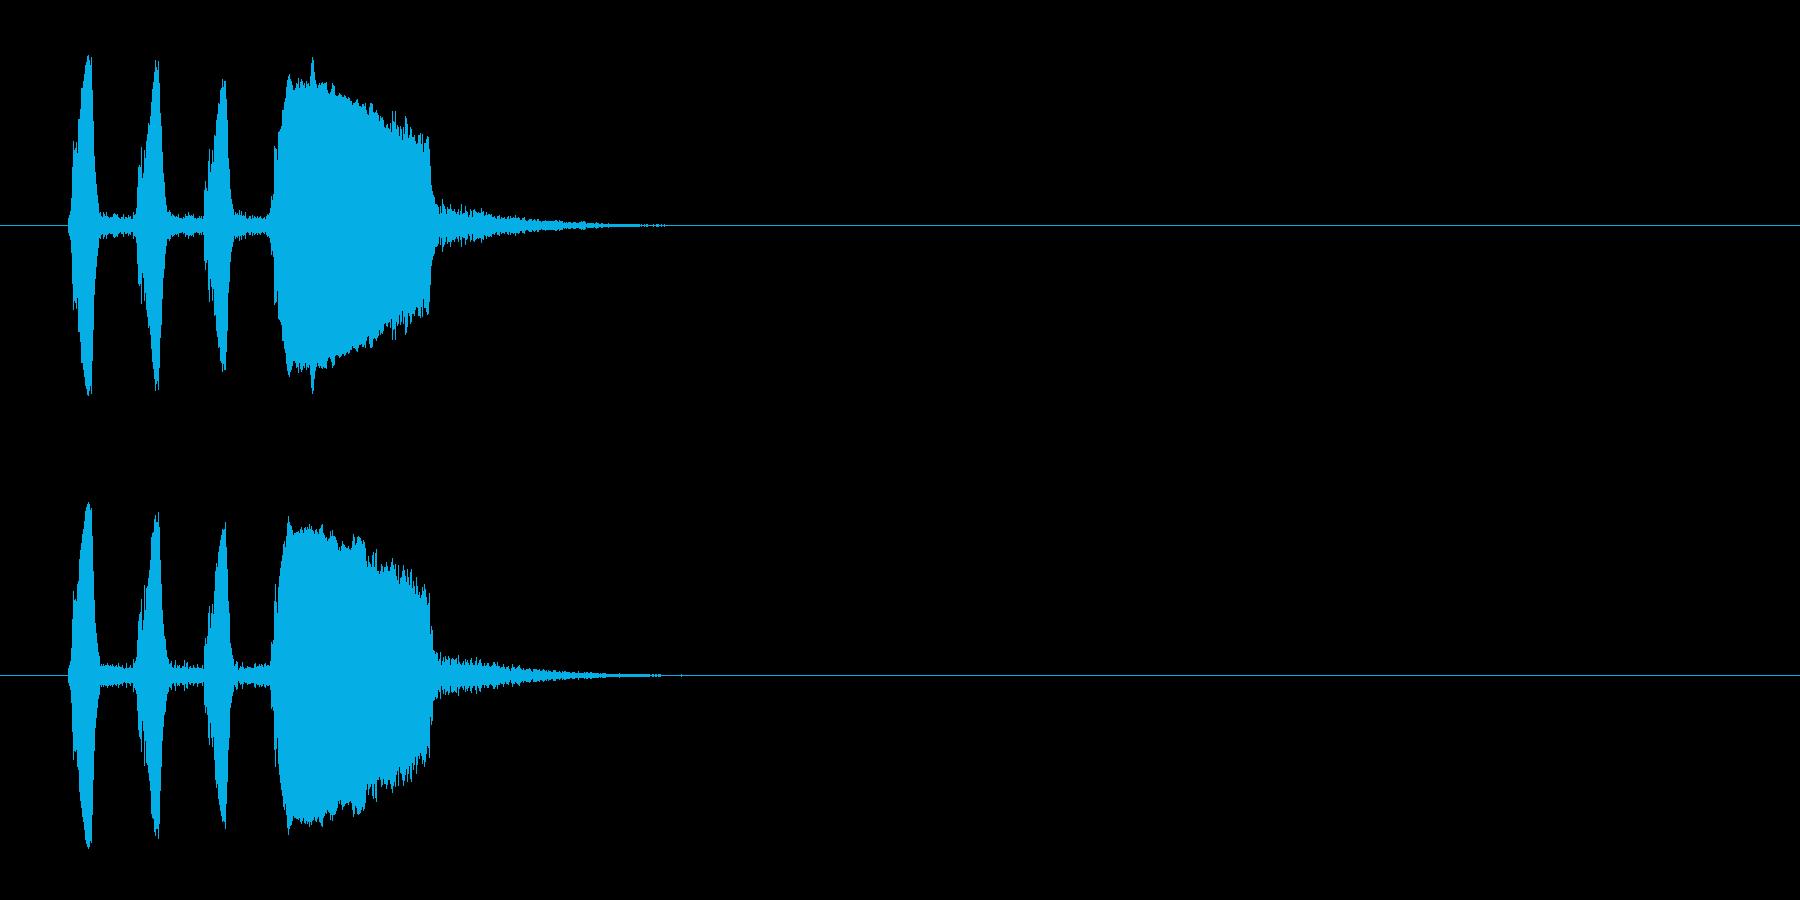 脱力感のあるコミカルな印象のテクノの再生済みの波形